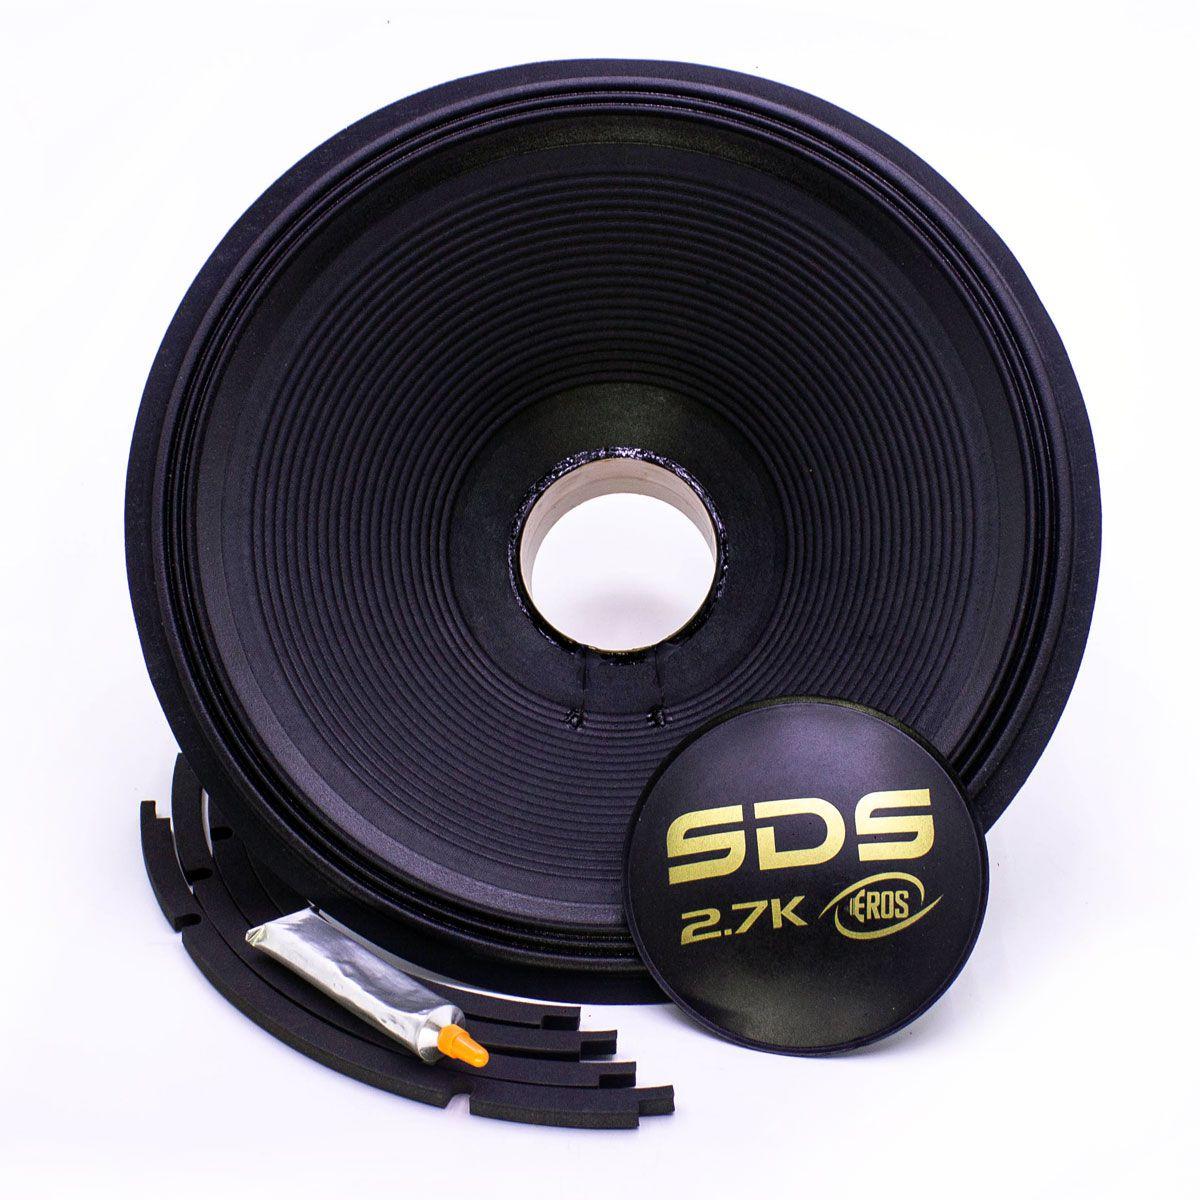 Kit Reparo para Alto Falante Eros E-18 SDS 2.7k 4R 8R